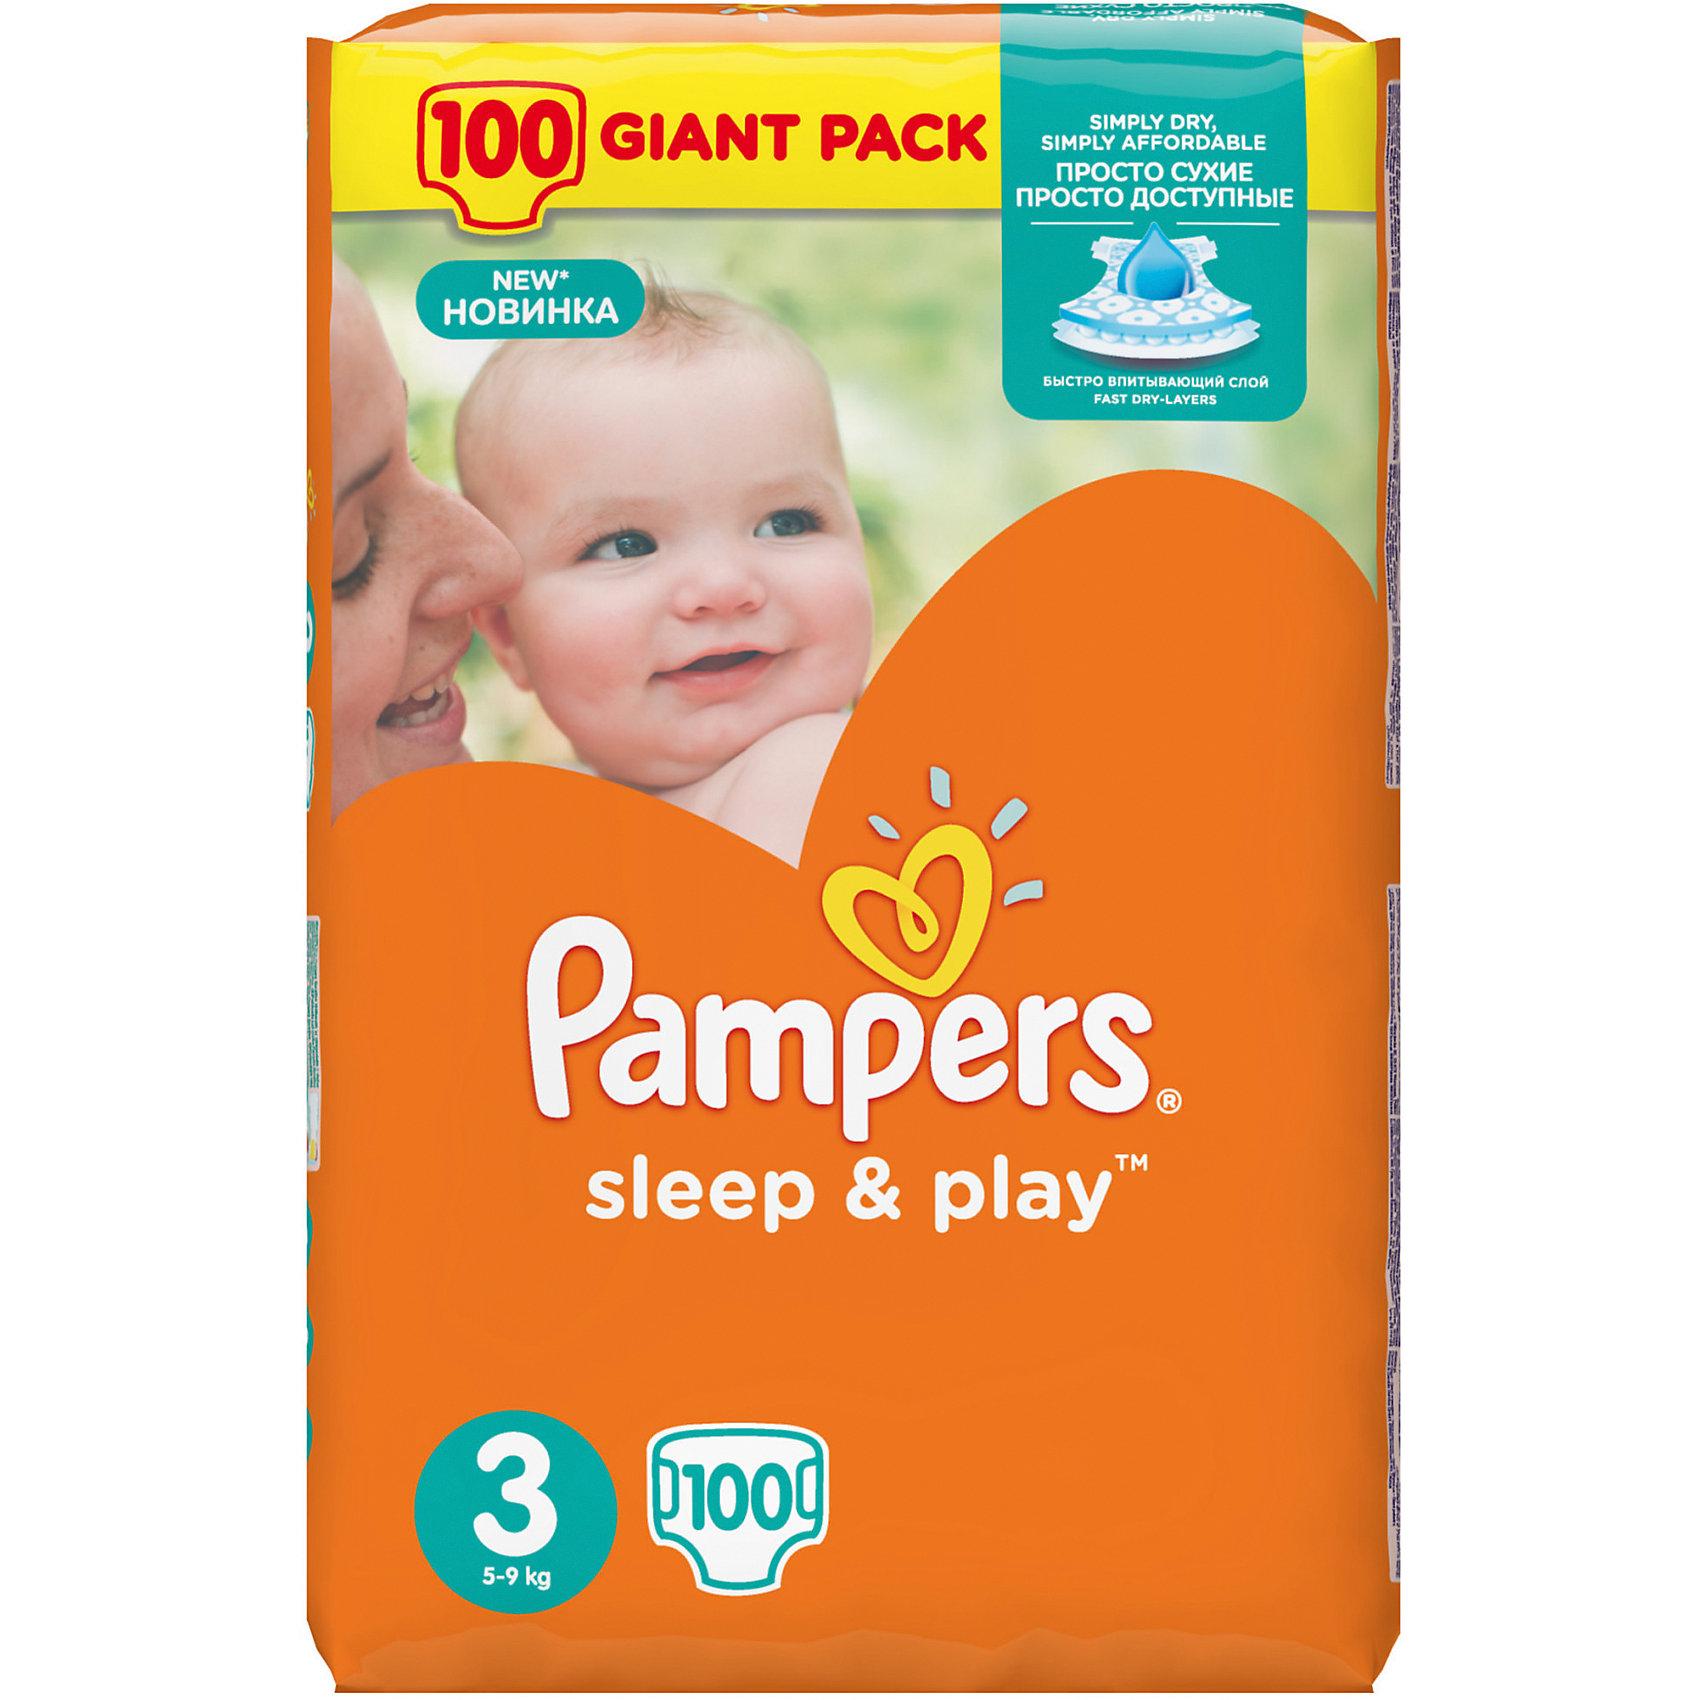 Подгузники Pampers Sleep &amp; Play, 5-9 кг, 3 размер, 100 шт., PampersПодгузники<br>Характеристики:<br><br>• Пол: универсальный<br>• Тип подгузника: одноразовый<br>• Коллекция: Sleep &amp; Play<br>• Предназначение: для использования в любое время суток <br>• Размер: 3<br>• Вес ребенка: от 5 до 9 кг<br>• Количество в упаковке: 100 шт.<br>• Упаковка: пакет<br>• Размер упаковки: 37,7*11,5*39,5 см<br>• Вес в упаковке: 2 кг 522 г<br>• Эластичные застежки-липучки<br>• Быстро впитывающий слой<br>• Яркий дизайн<br>• Сохранение сухости в течение 9-ти часов<br>• Содержит экстракт ромашки<br><br>Подгузники Pampers Sleep &amp; Play, 5-9 кг, 3 размер, 100 шт., Pampers – это линейка классических детских подгузников от Pampers, которая сочетает в себе качество и безопасность материалов, удобство использования и комфорт для нежной кожи малыша. Подгузники предназначены для младенцев весом до 9 кг. Инновационные технологии и современные материалы обеспечивают этим подгузникам Дышащие свойства, что особенно важно для кожи малыша. <br><br>Впитывающие свойства изделию обеспечивает уникальный слой, который равномерно распределяет влагу внутри подгузника, при этом сохраняя сухость верхнего слоя. У подгузников предусмотрена эластичная мягкая резиночка на спинке. Широкие липучки с двух сторон обеспечивают надежную фиксацию. В составе подгузника имеется экстракт ромашки, который защищает кожу ребенка от раздражений. Подгузник подходит как для мальчиков, так и для девочек. <br><br>Подгузники Pampers Sleep &amp; Play, 5-9 кг, 3 размер, 100 шт., Pampers можно купить в нашем интернет-магазине.<br><br>Ширина мм: 377<br>Глубина мм: 115<br>Высота мм: 395<br>Вес г: 2522<br>Возраст от месяцев: 3<br>Возраст до месяцев: 12<br>Пол: Унисекс<br>Возраст: Детский<br>SKU: 5419062